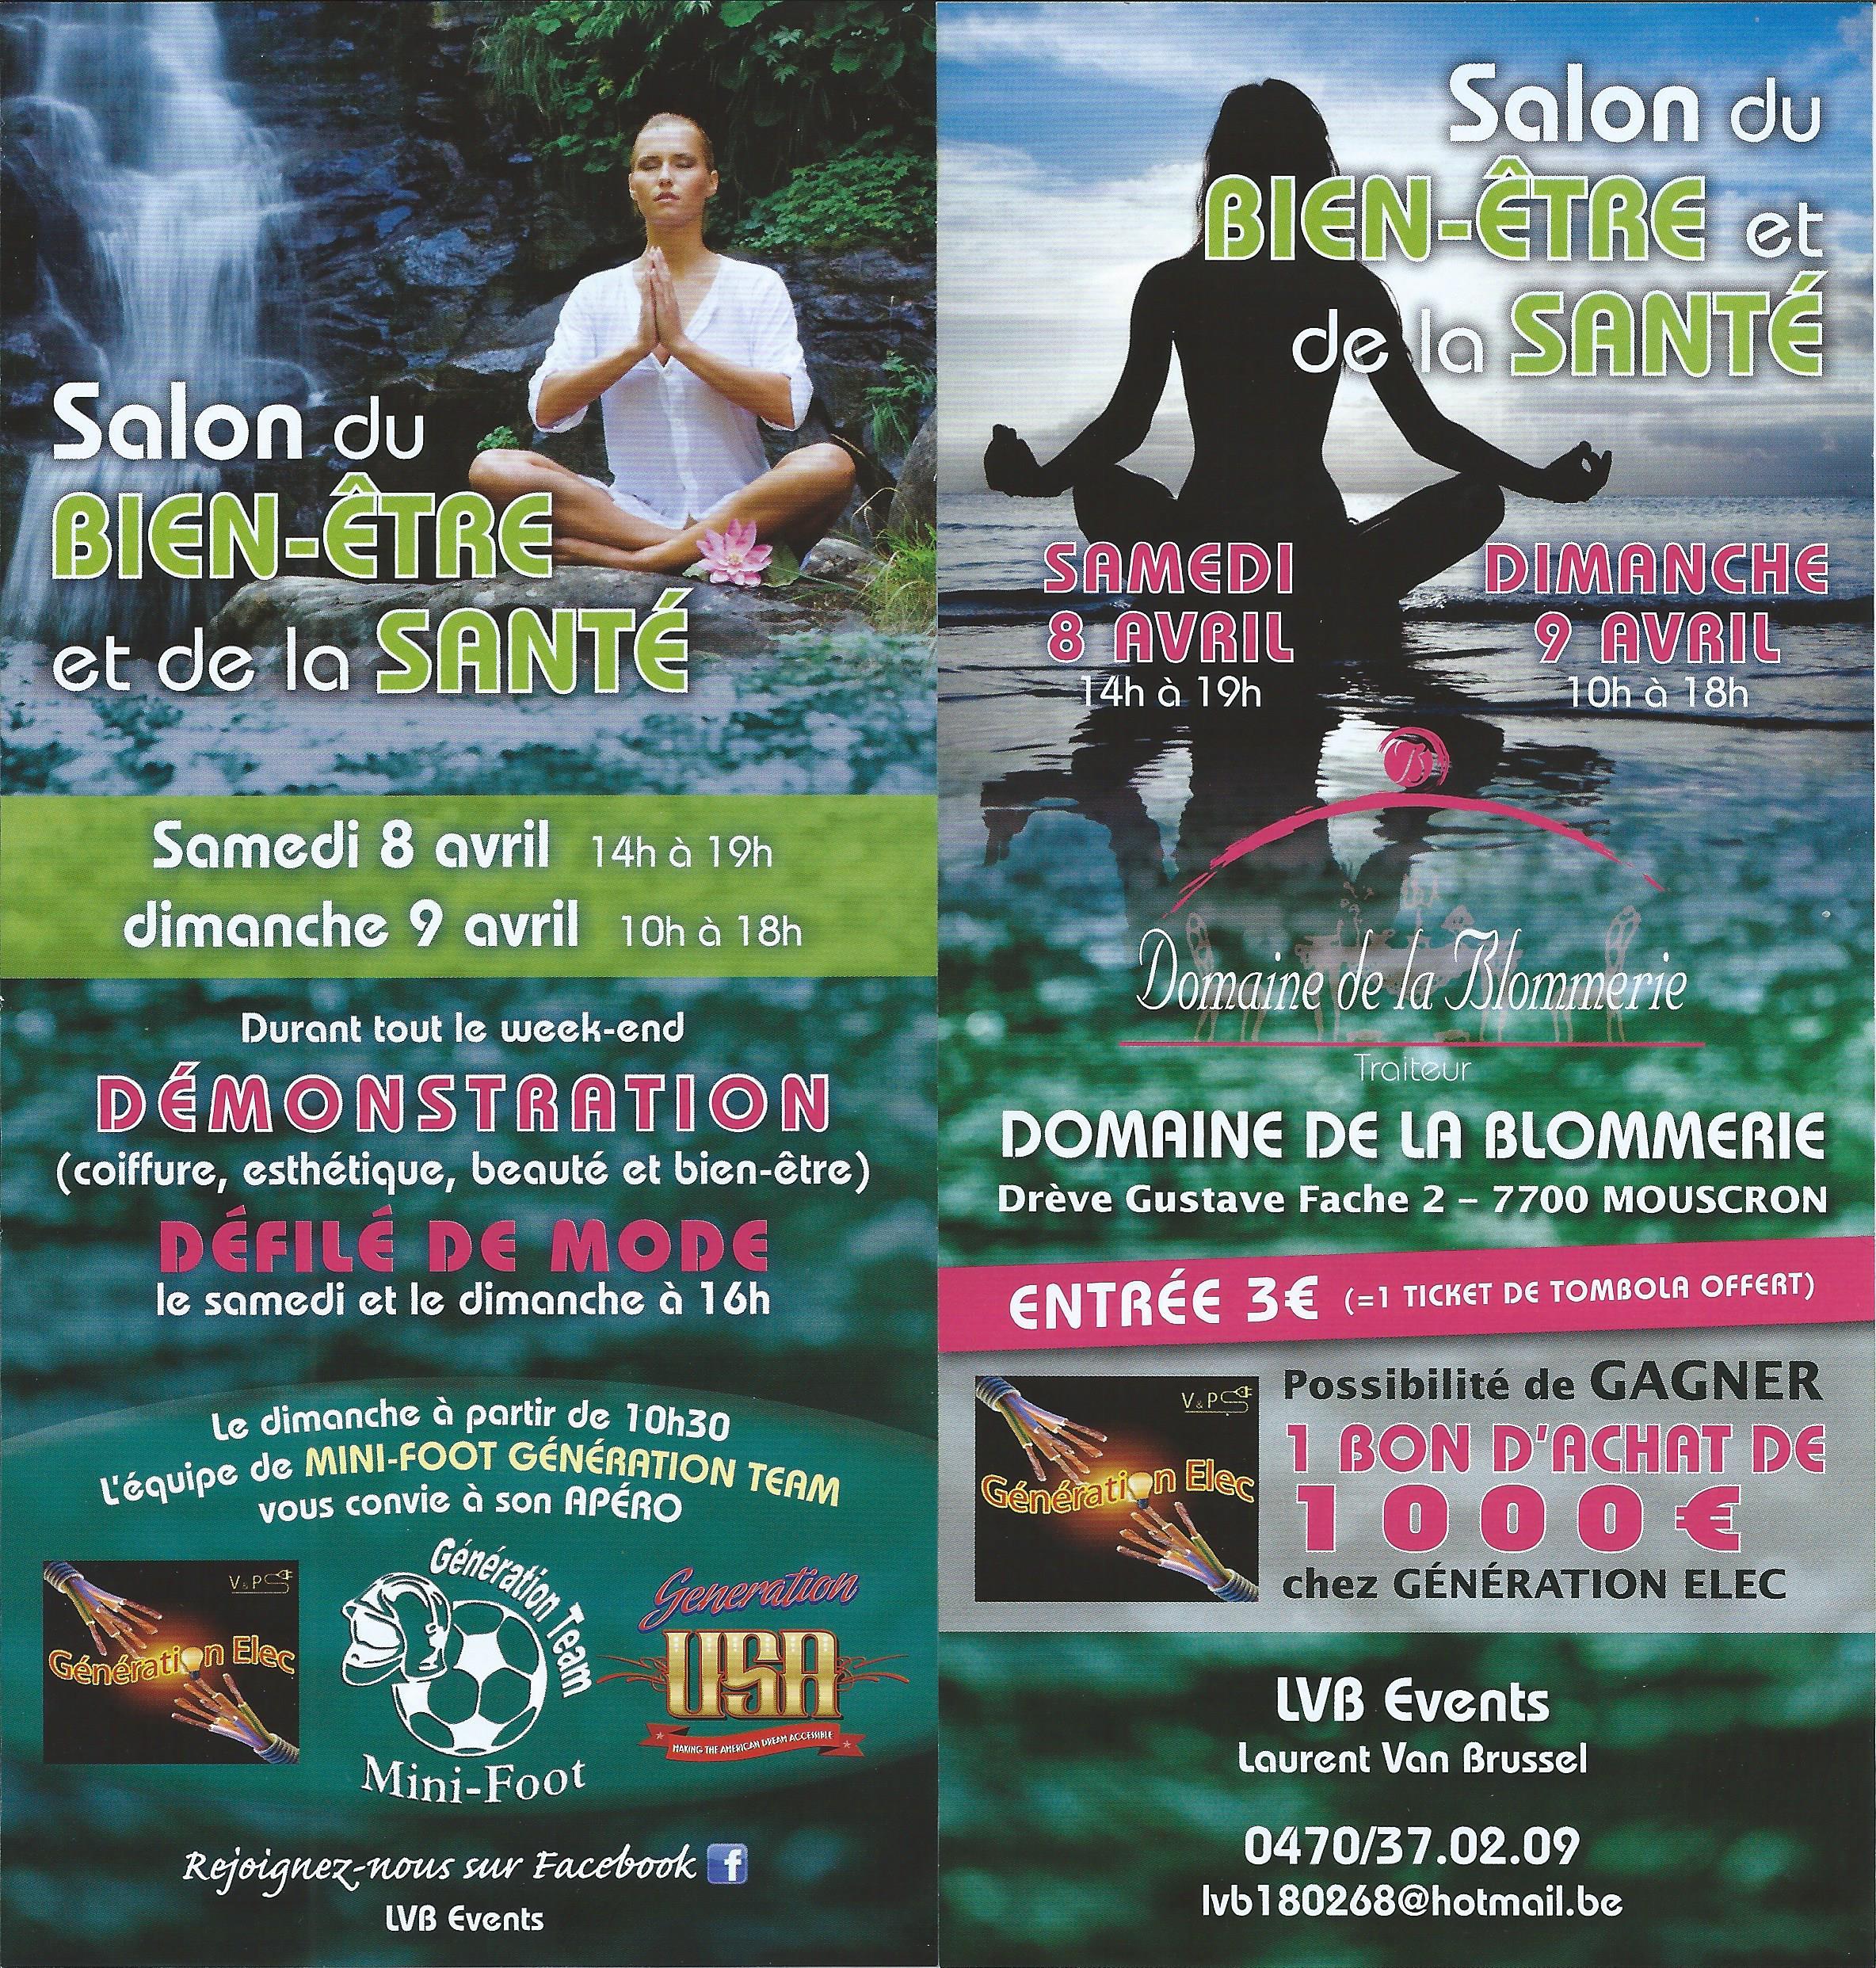 sophrologie-mouscron-salon-bien-etre-sante-sophrologue-coach-coaching